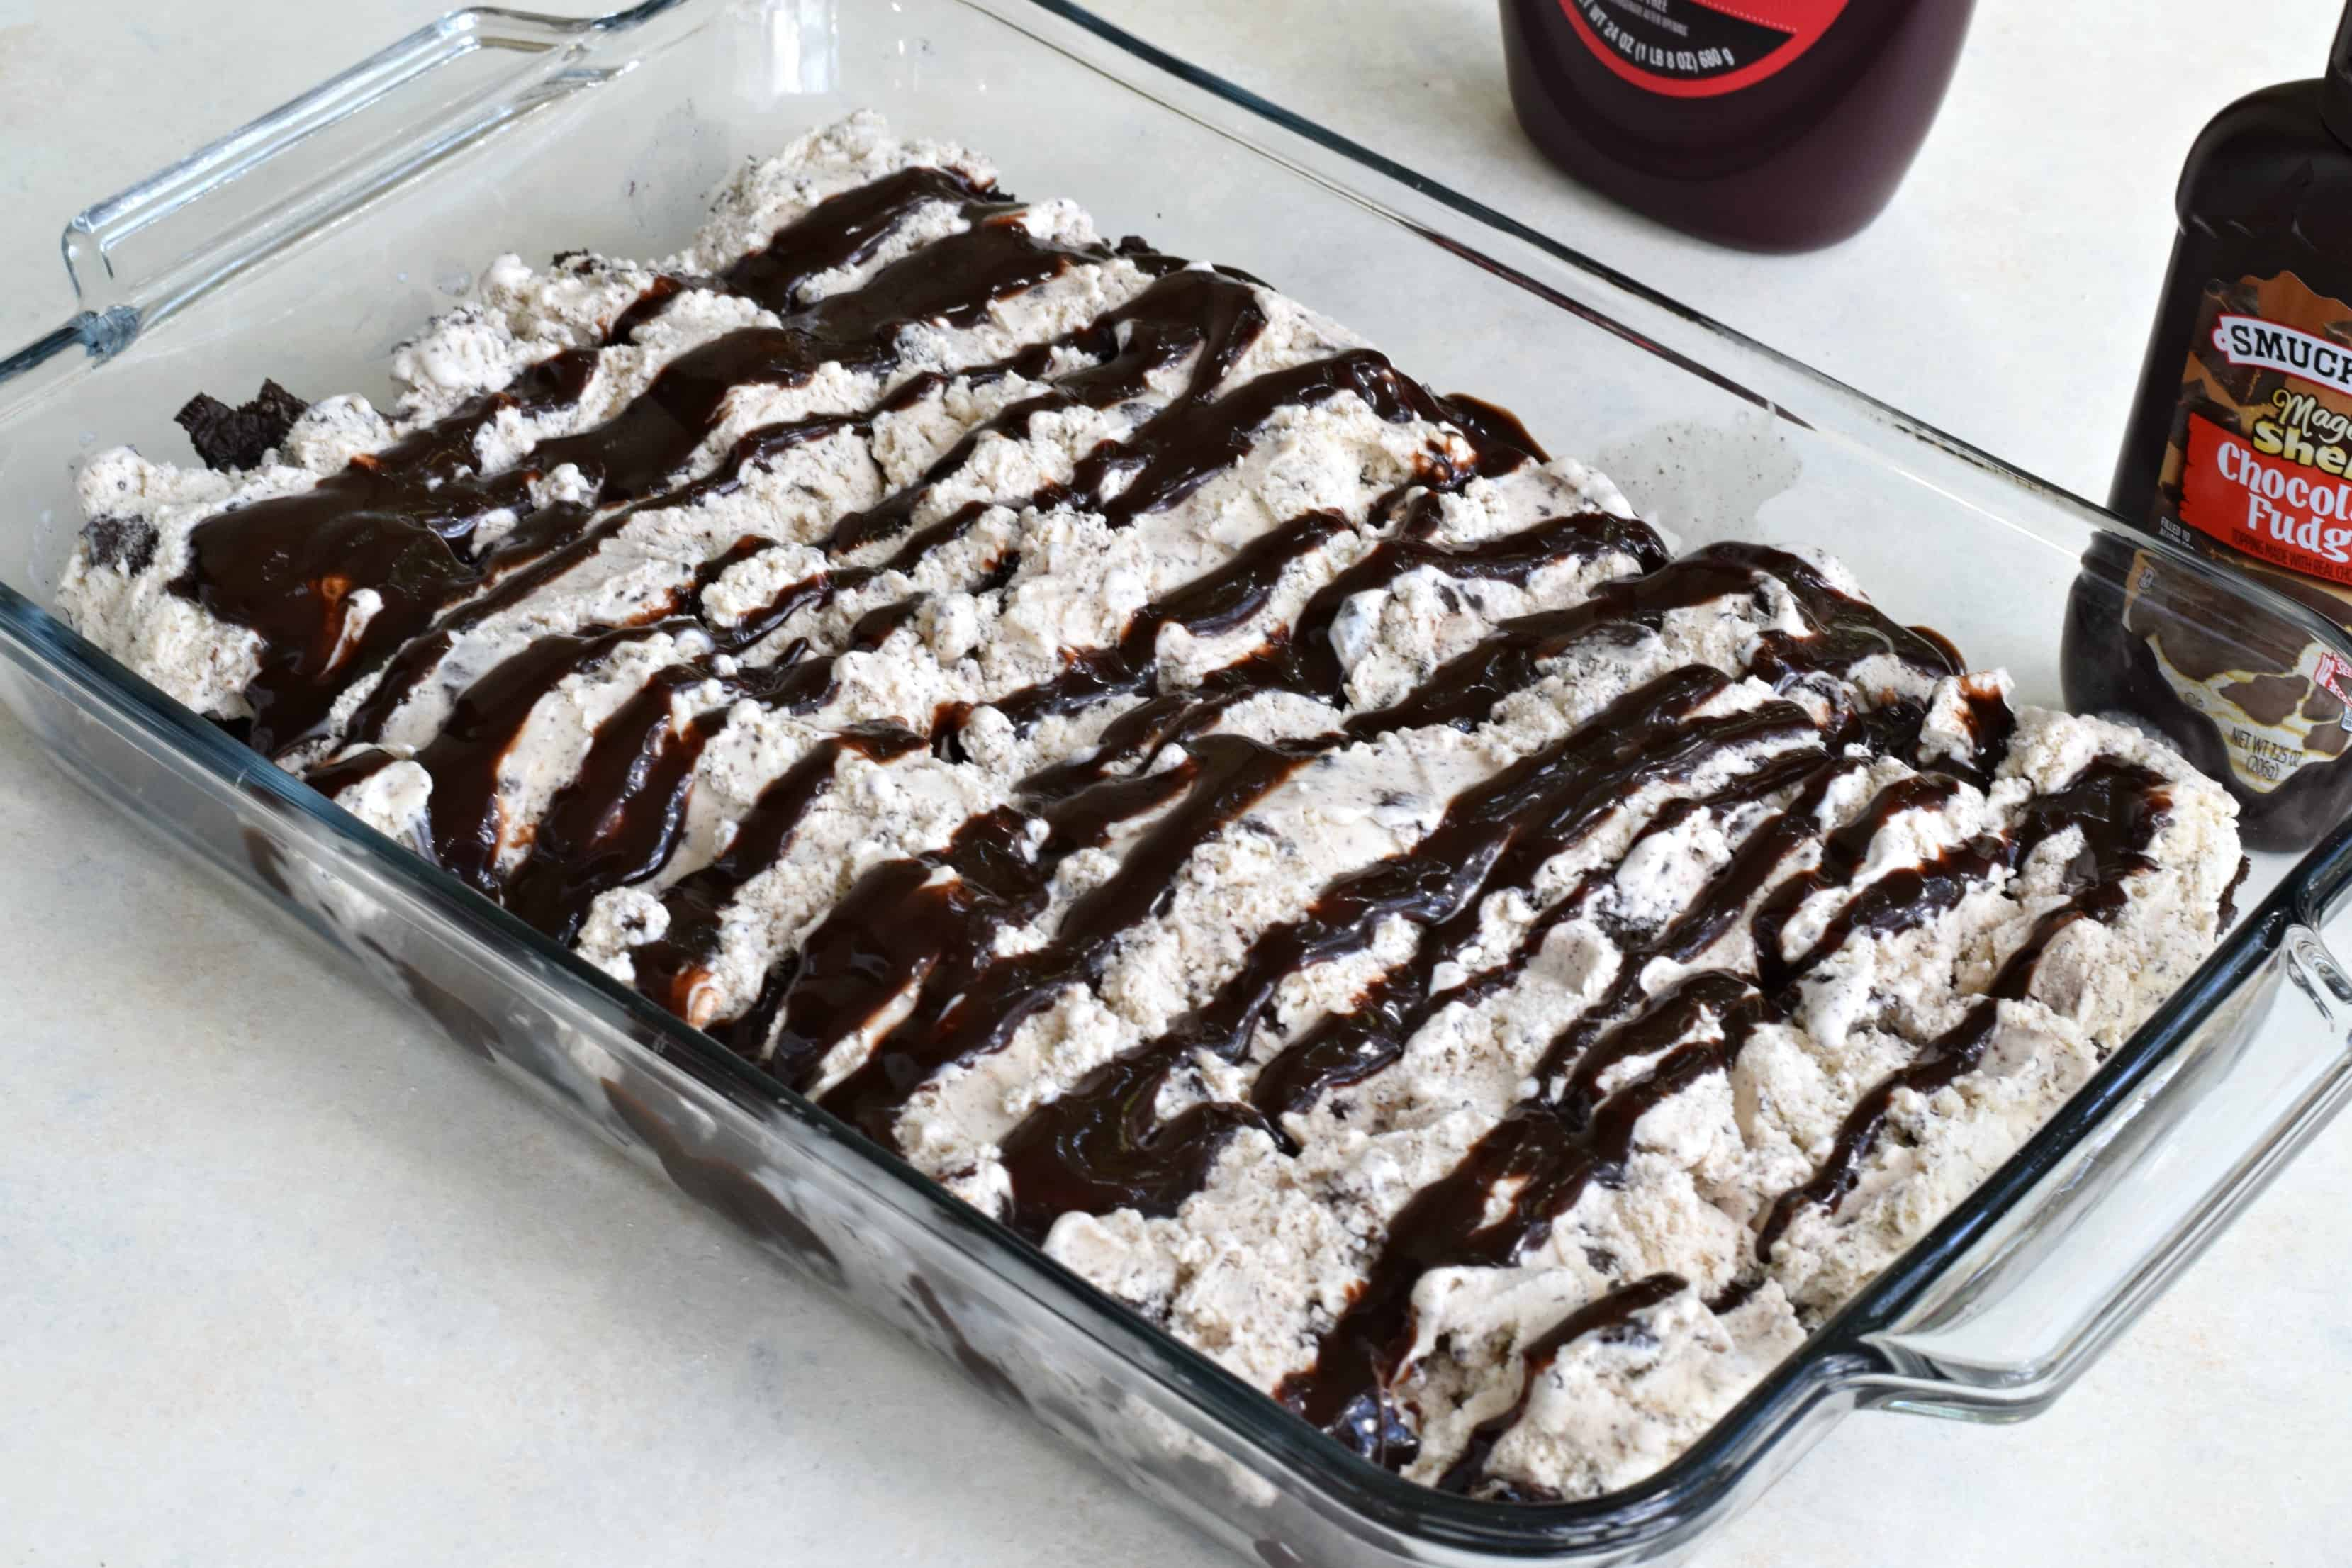 How to make mint oreo ice cream cake